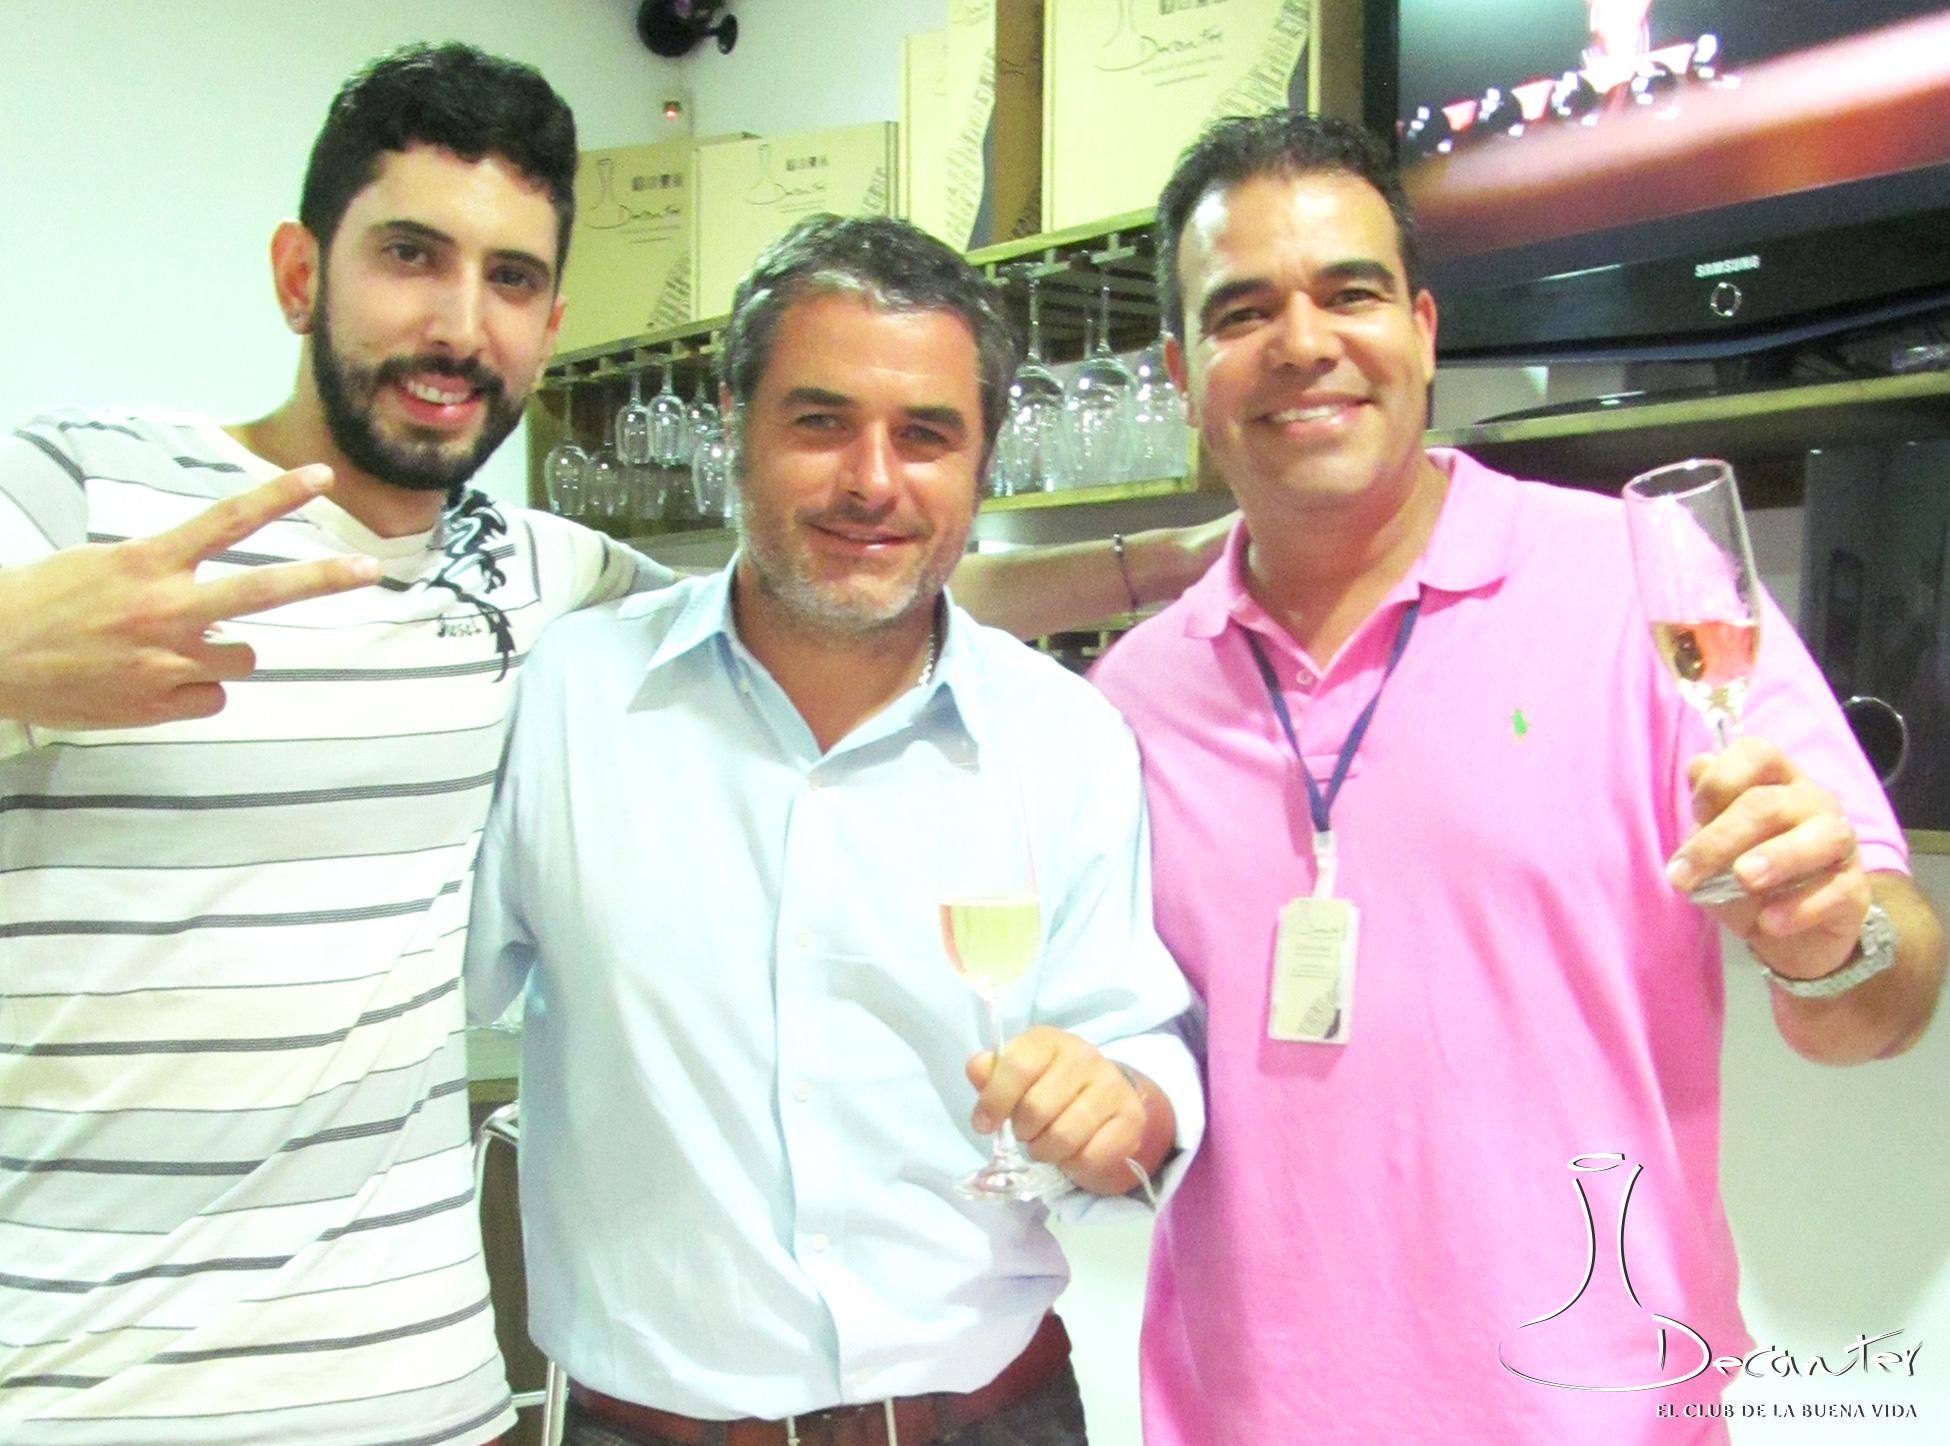 Guillermo Repenning en Decanter Medellín, acompañado por Carlos Abad y Juan Camilo Jaramillo